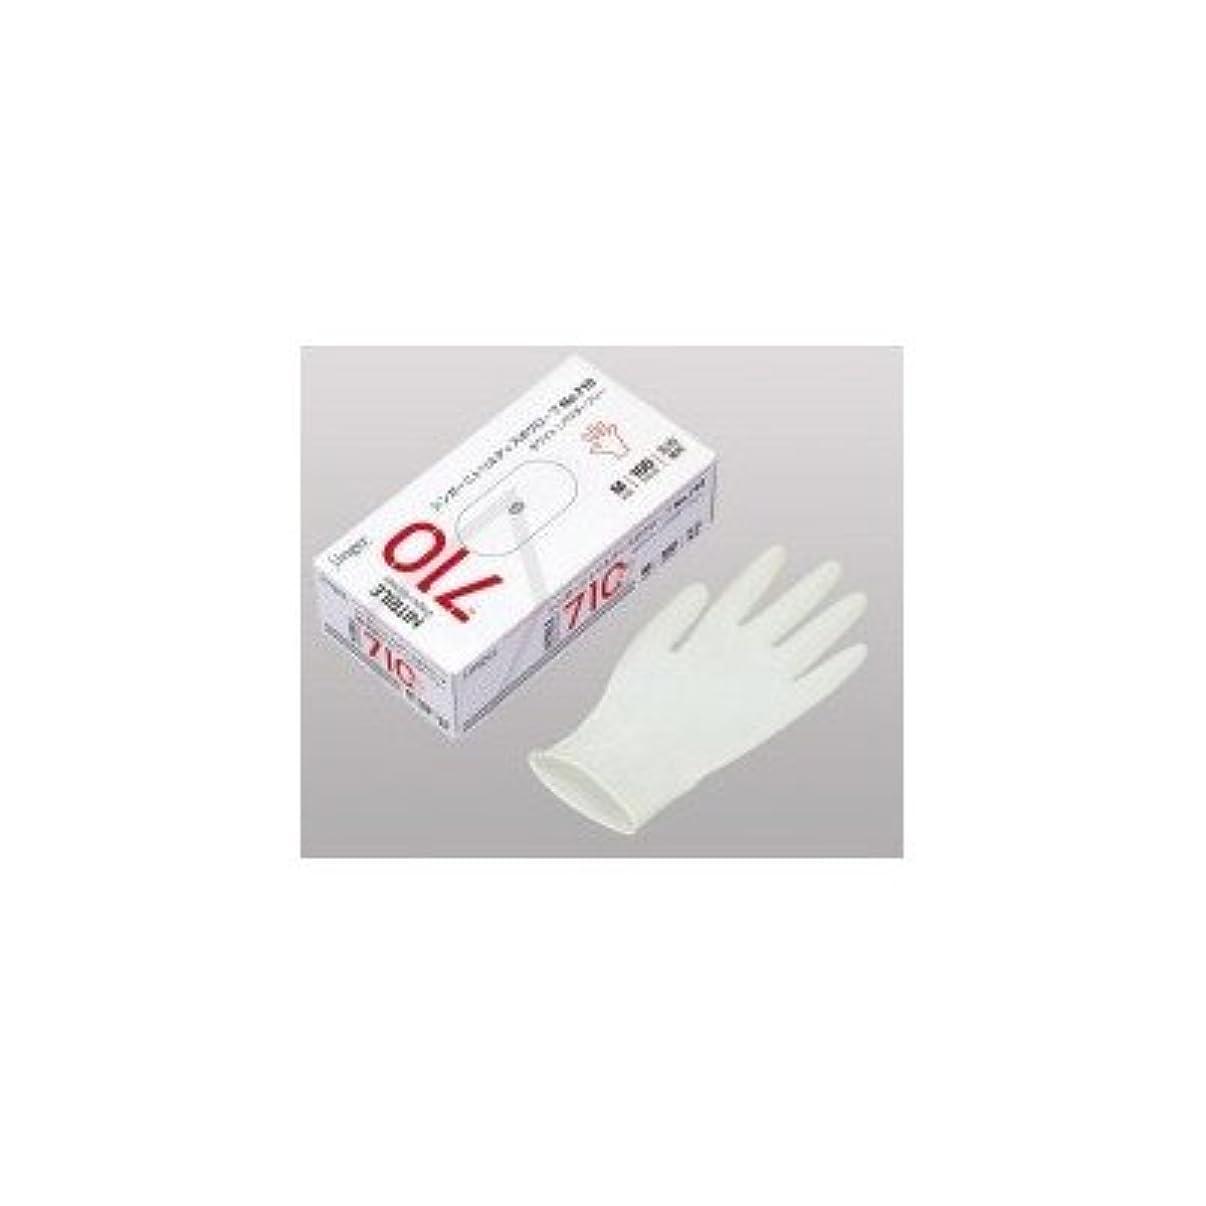 居住者ルーキー非難するシンガー ニトリルディスポグローブ(手袋) No.710 ホワイト パウダーフリー(100枚) L( 画像はイメージ画像です お届けの商品はLのみとなります)